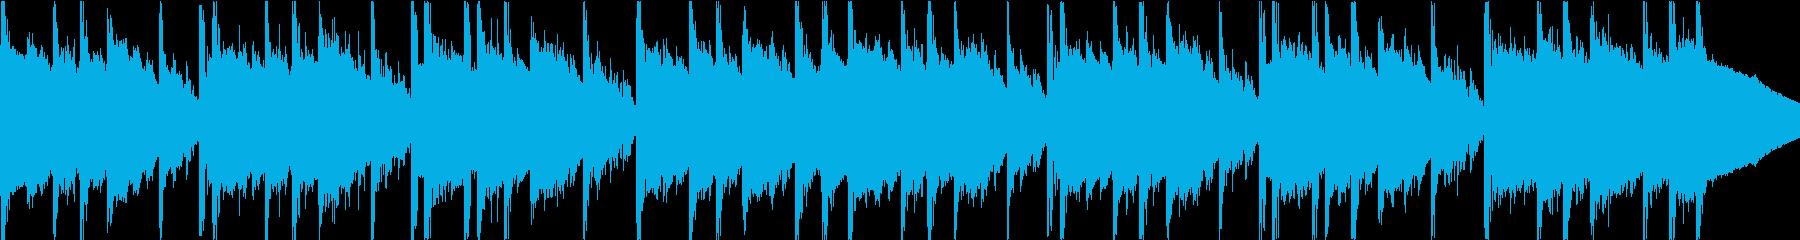 ヒップホップ研究所通りのスマートな溝。の再生済みの波形